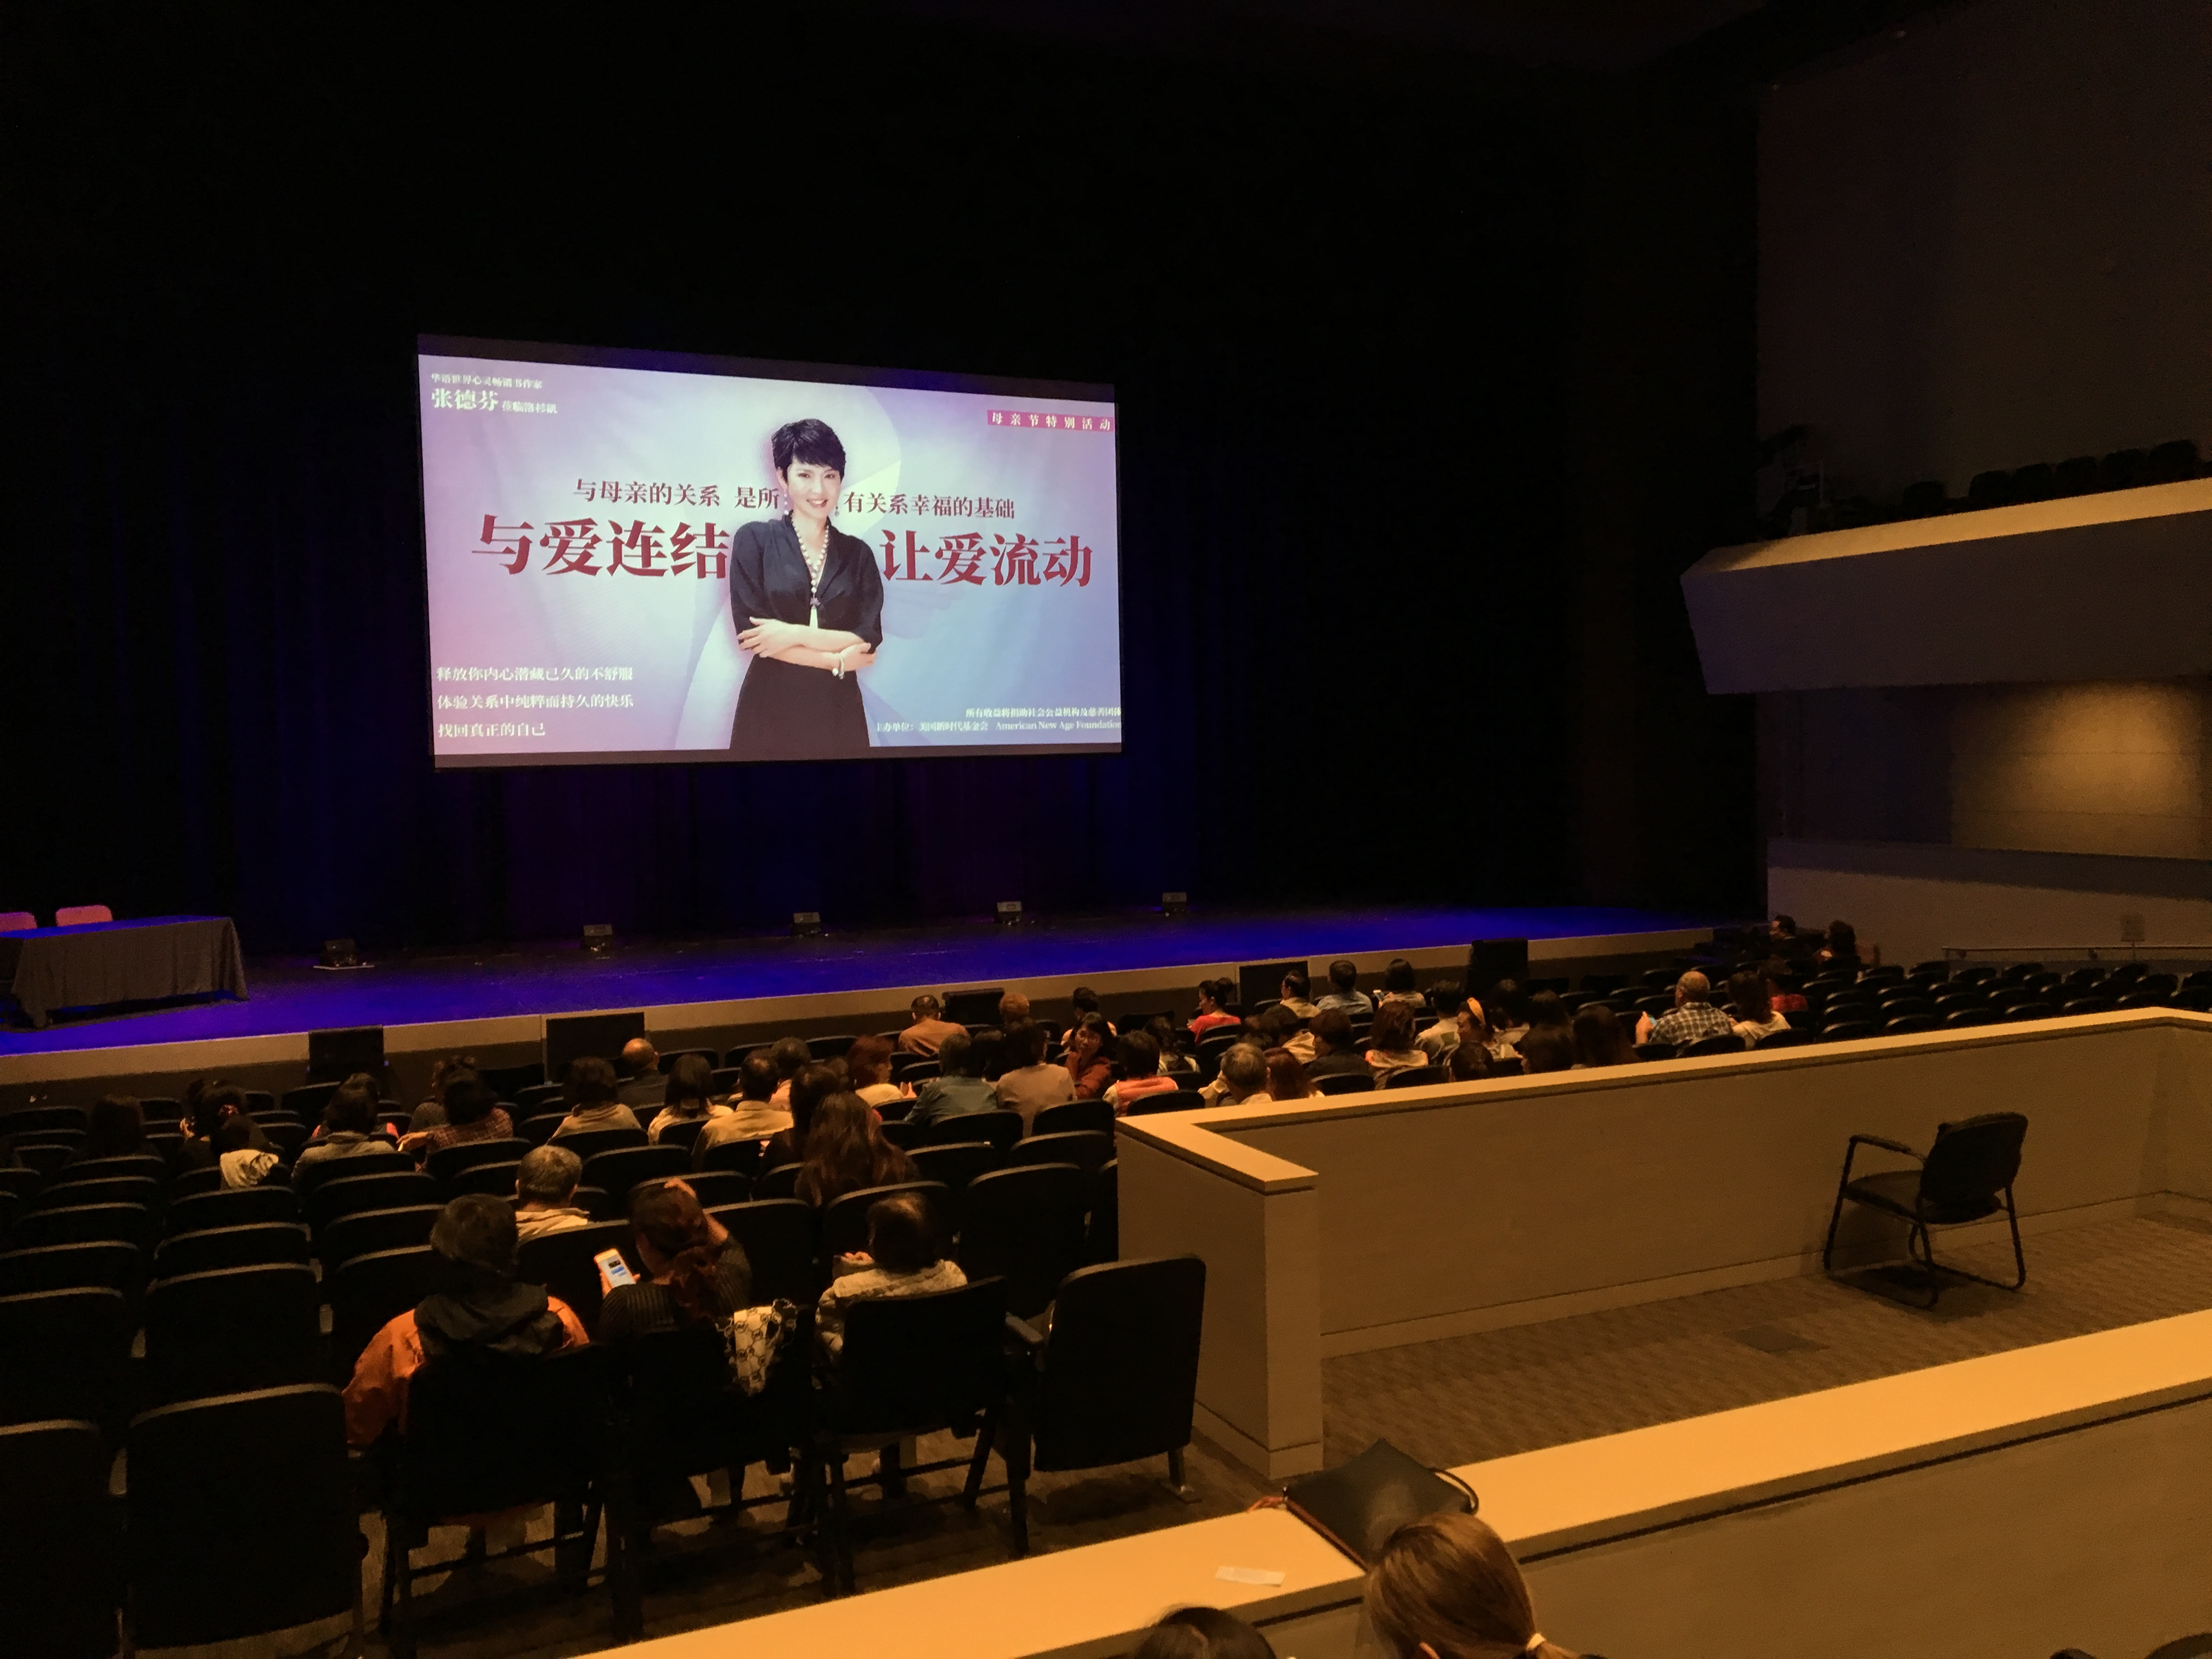 華語世界心靈作家張德芬13日在亞凱迪亞舉辦舉行「與愛鏈接,讓愛流動」母親節主題演講。(記者啟鉻/攝影)